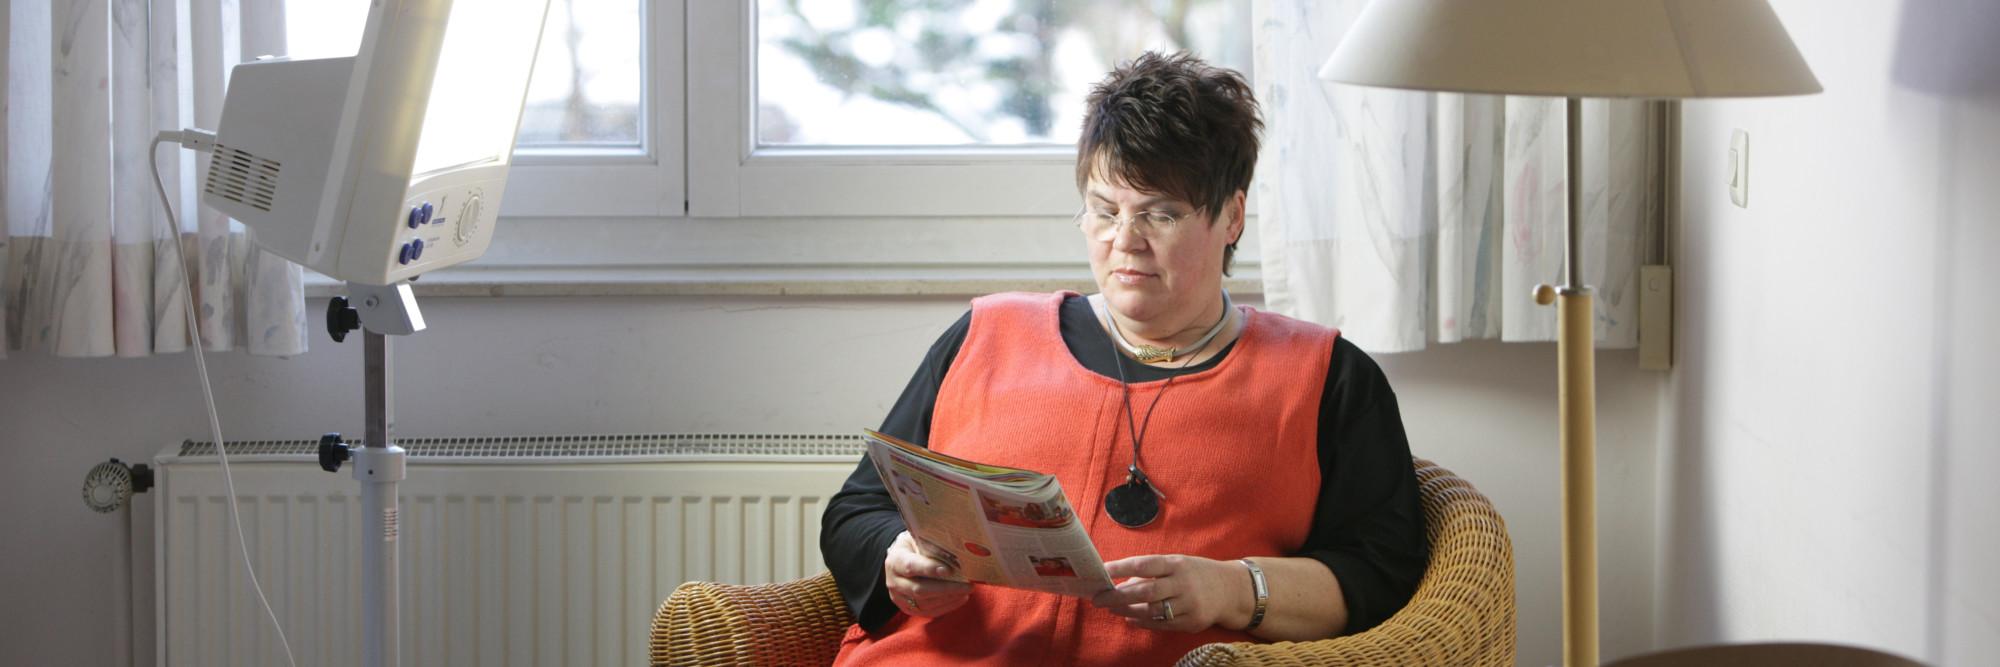 Eine Patienten des St. Nikolaus-Hospitals liest während der Lichttherapie in einem Magazin.